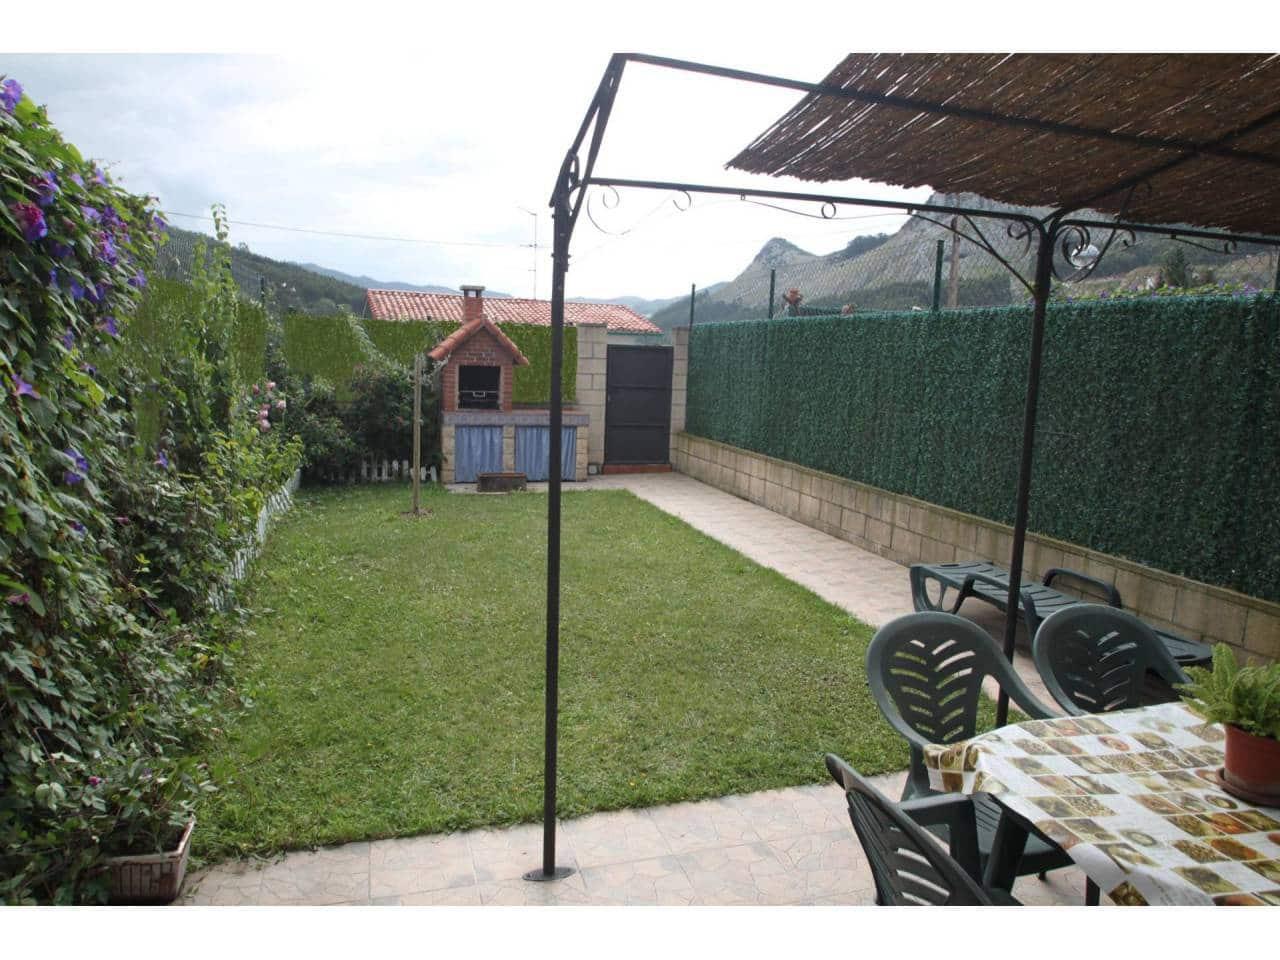 3 Zimmer Reihenhaus zu verkaufen in Castro-Urdiales mit Pool Garage - 250.000 € (Ref: 4259918)